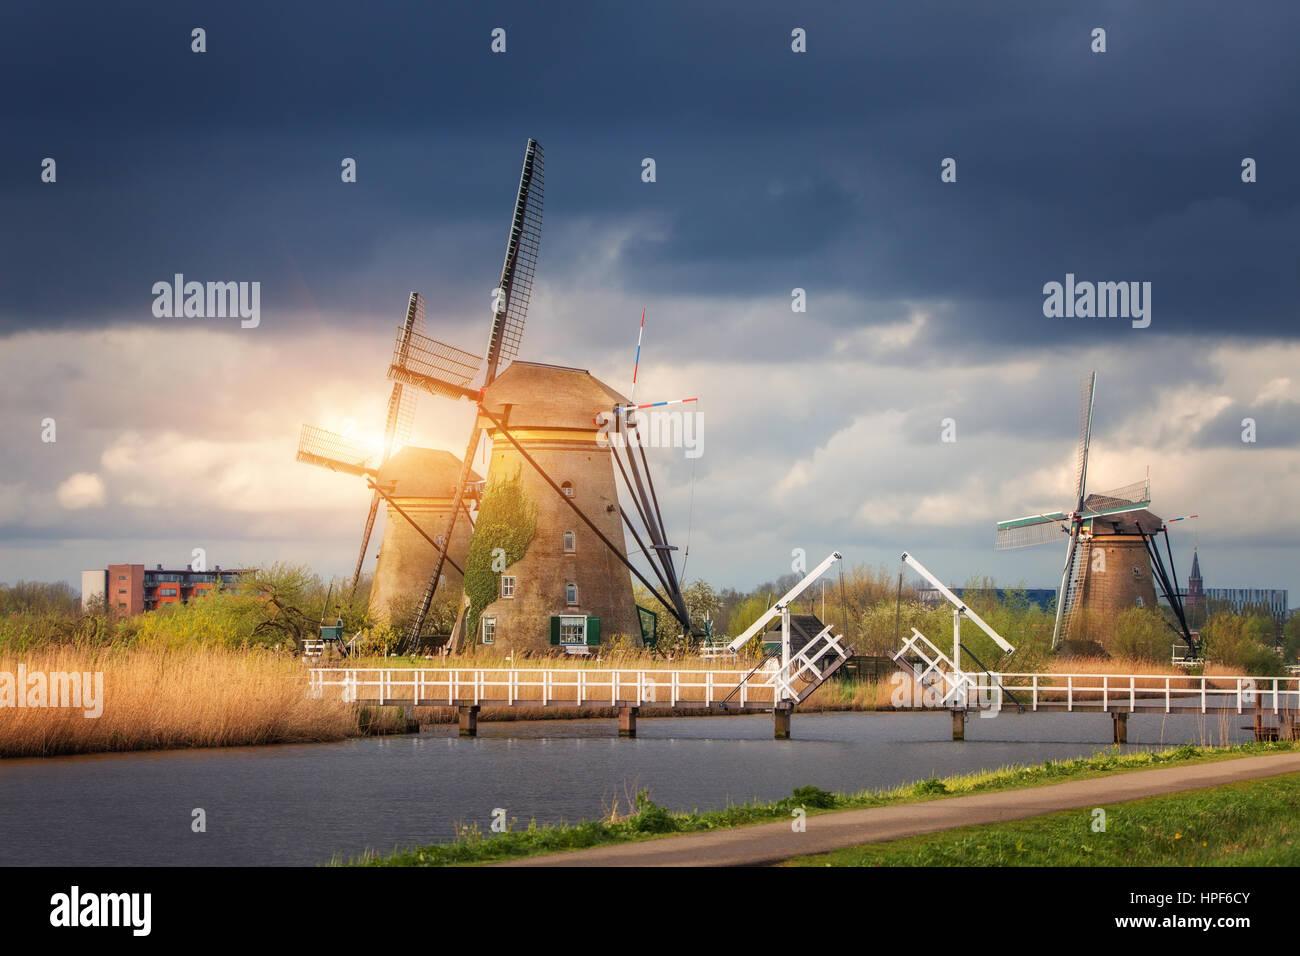 Mulini a vento contro il cielo nuvoloso al tramonto nella famosa Kinderdijk, Paesi Bassi. Paesaggio agreste con Immagini Stock